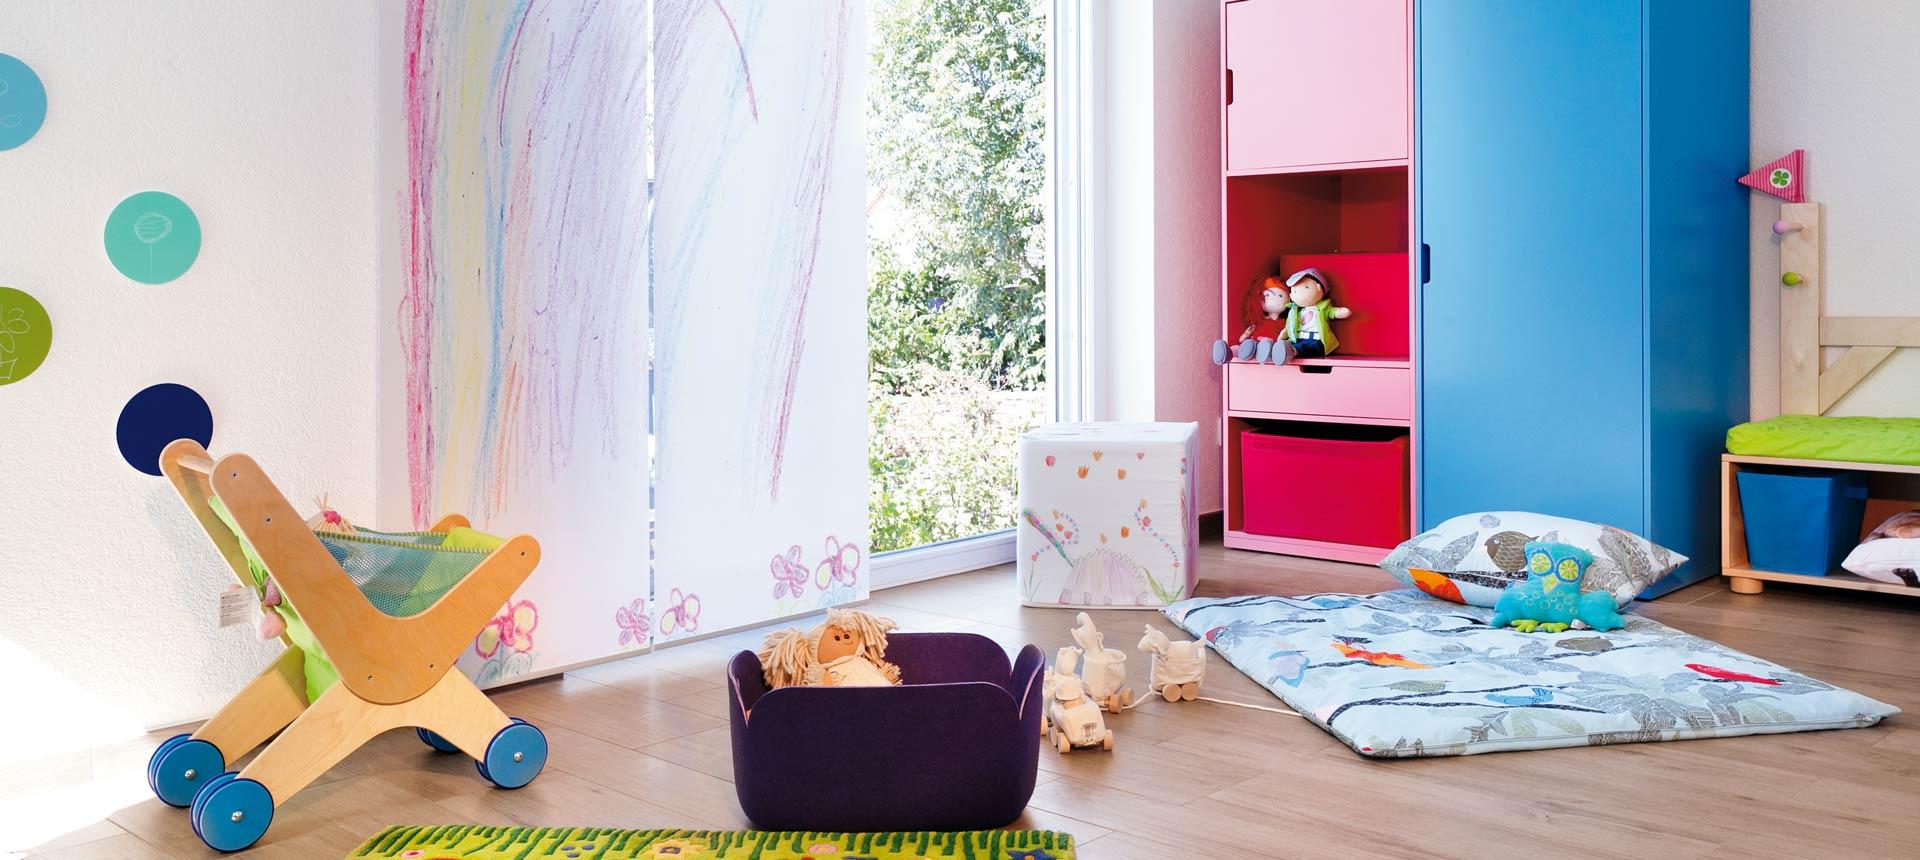 Full Size of Kinderzimmer Ideen Und Gestalten Mit Schwrerhaus Regal Weiß Sofa Regale Kinderzimmer Einrichtung Kinderzimmer